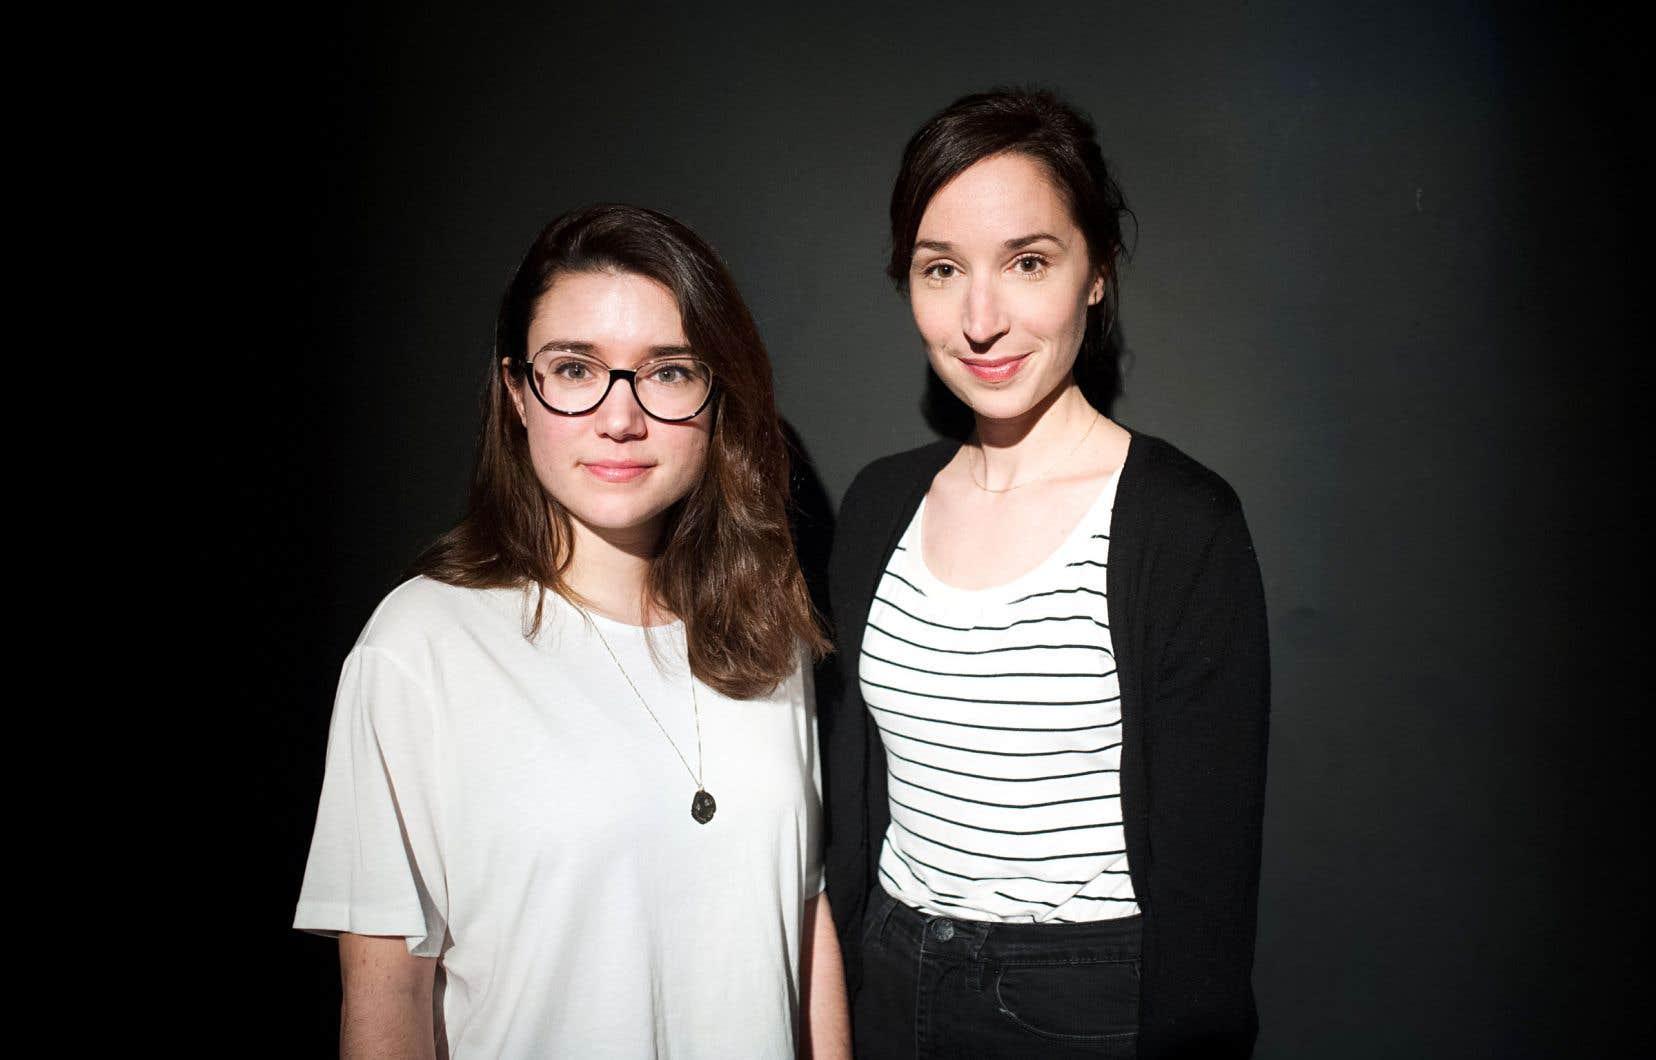 Marie-Ève Milot et Marie-Claude St-Laurent se sont «trouvées» durant leur formation théâtrale et partagent depuis une relation artistique privilégiée.